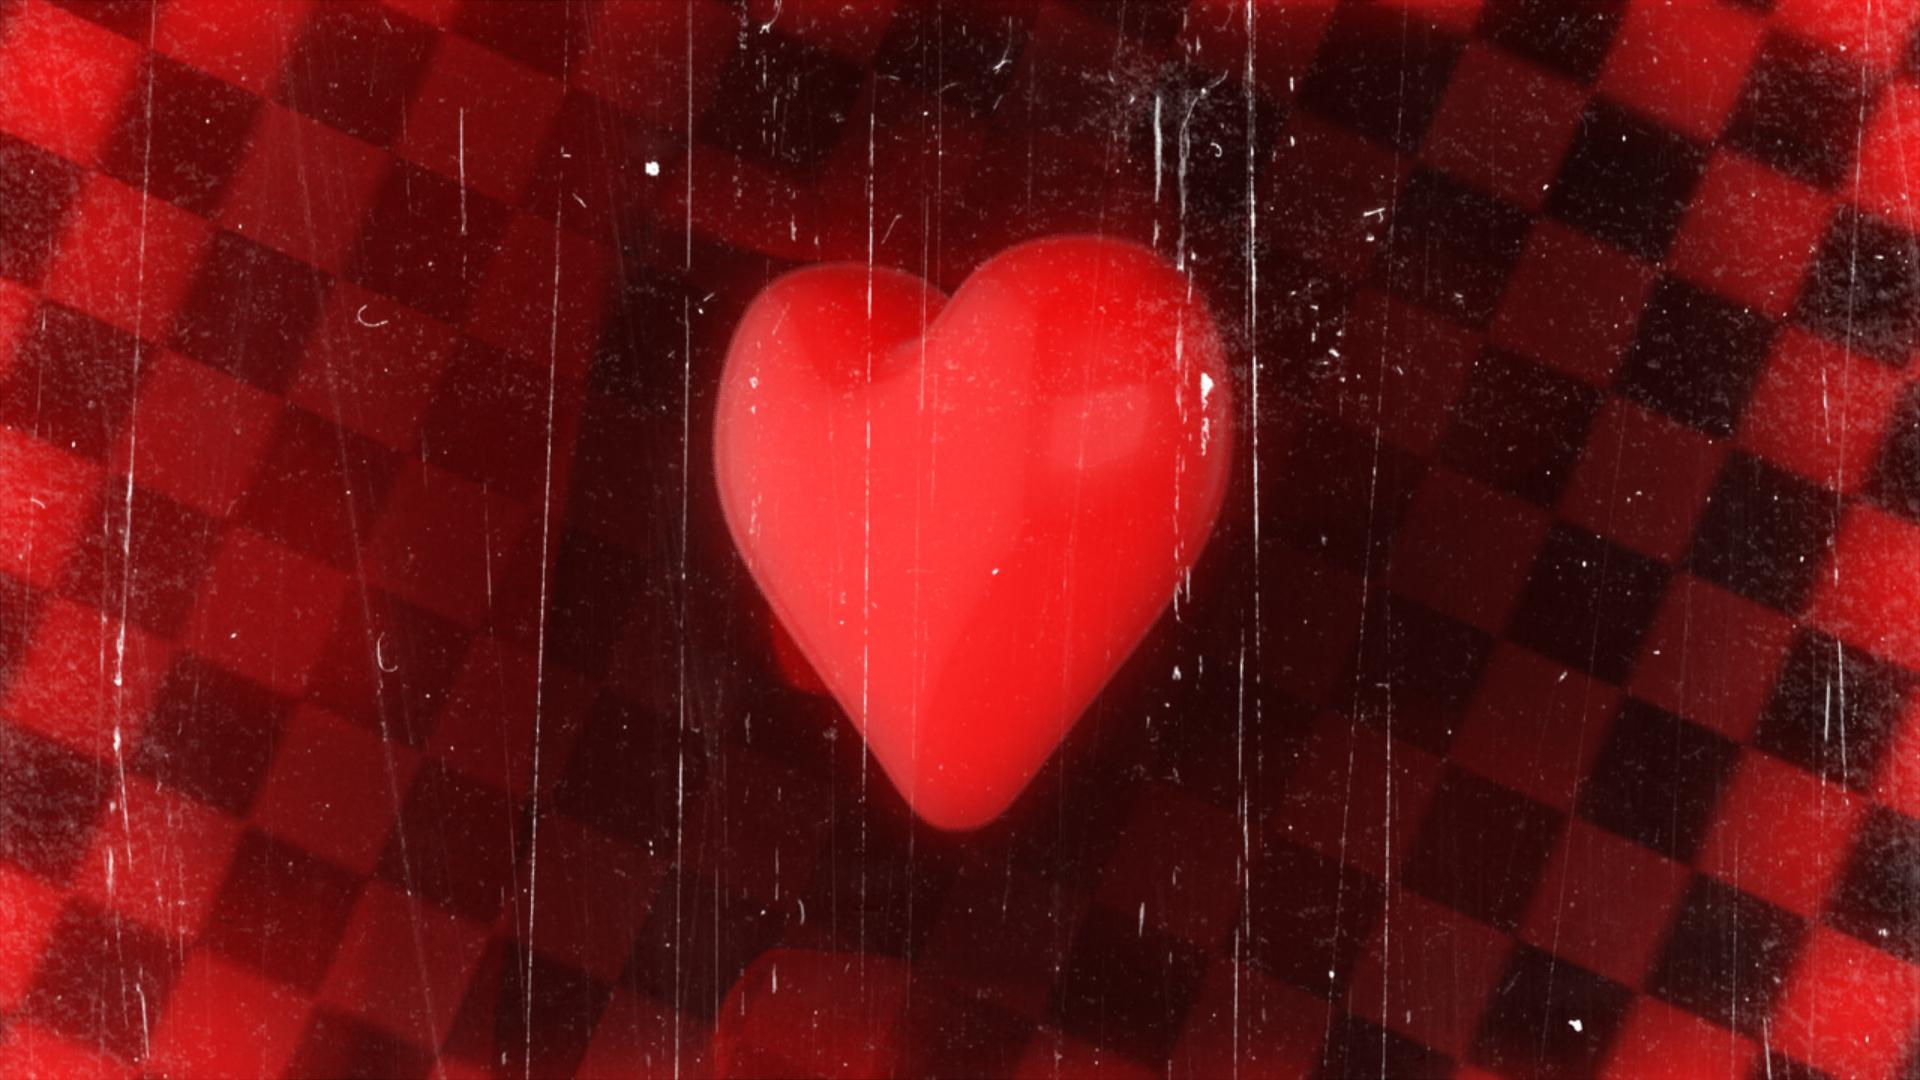 SeeingSounds_LoveWon'tLetMeDown_Loop6_1920x1080.jpg